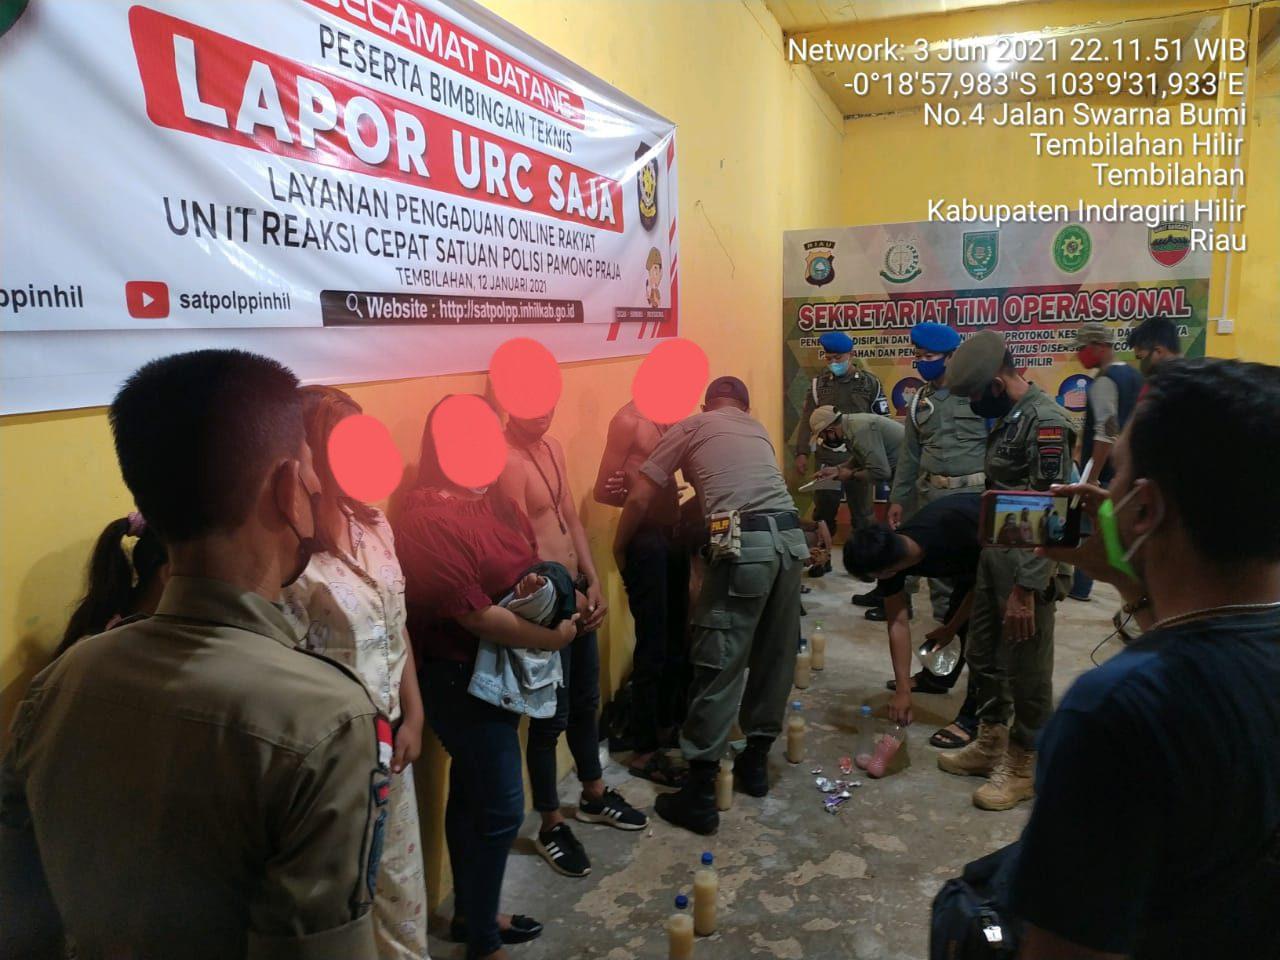 Tim URC SATPOL PP INHIL Kembali Tindak Pekat dari Laporan Masyarakat